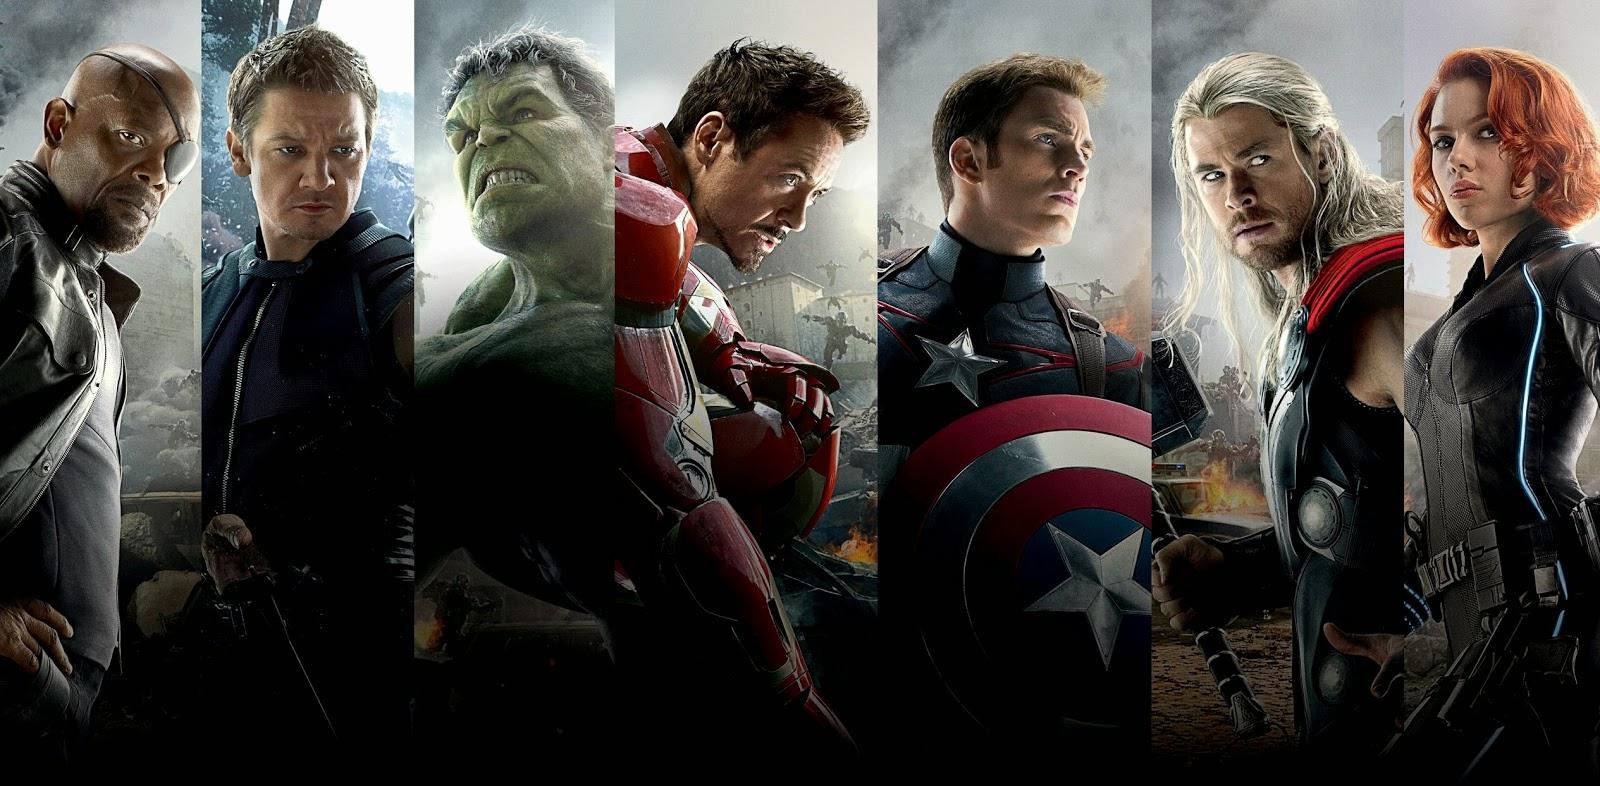 Vingadores: Era de Ultron | Comercial inédito e pôsteres IMAX da sequência da Marvel